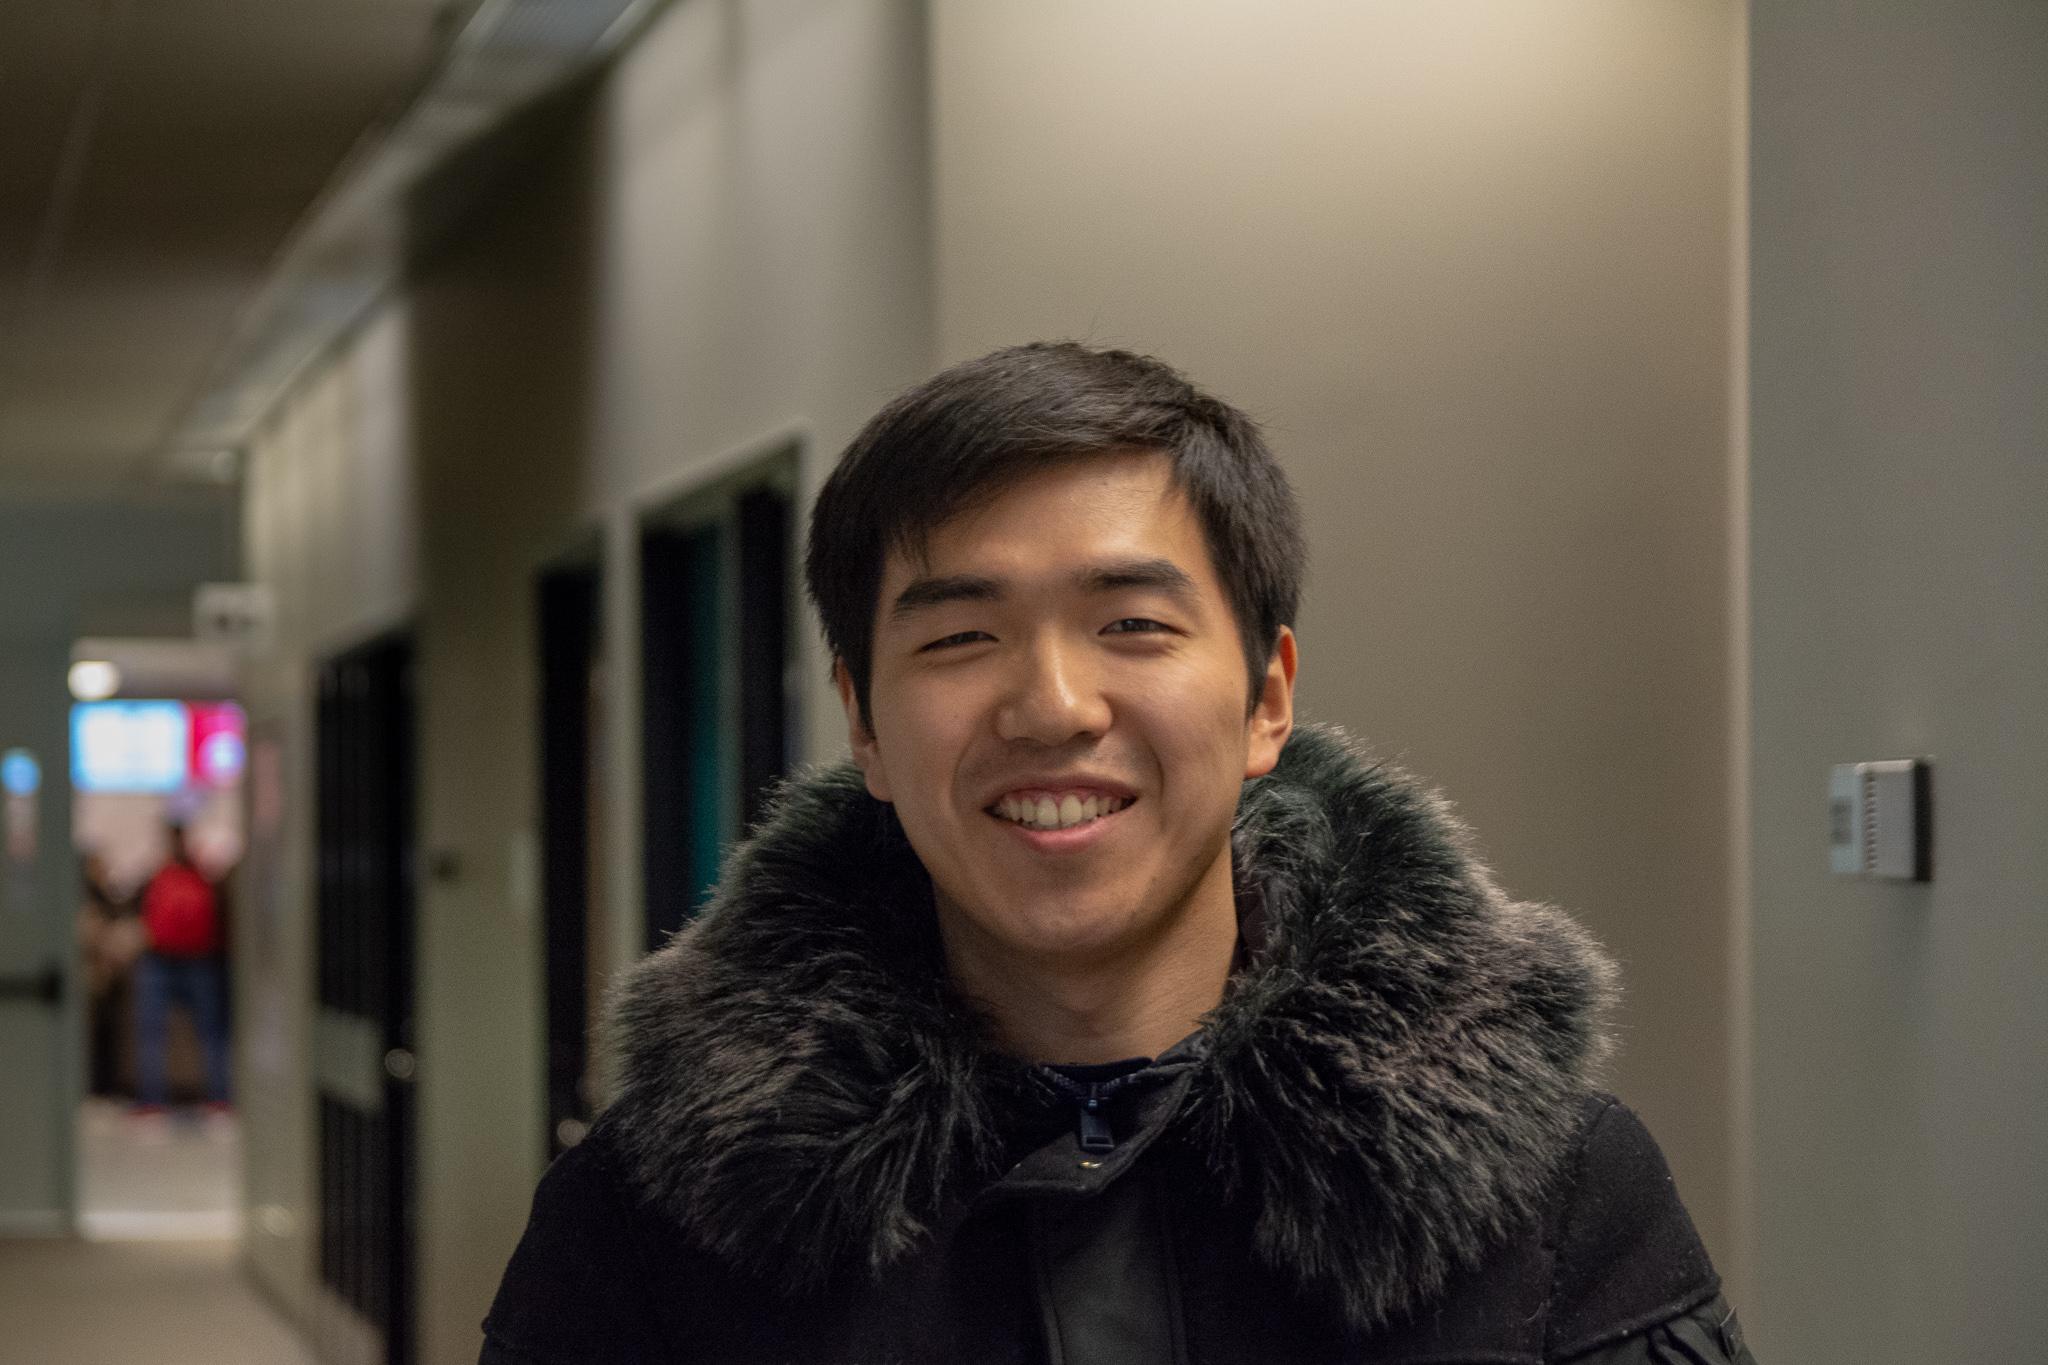 Yiren J Zhang